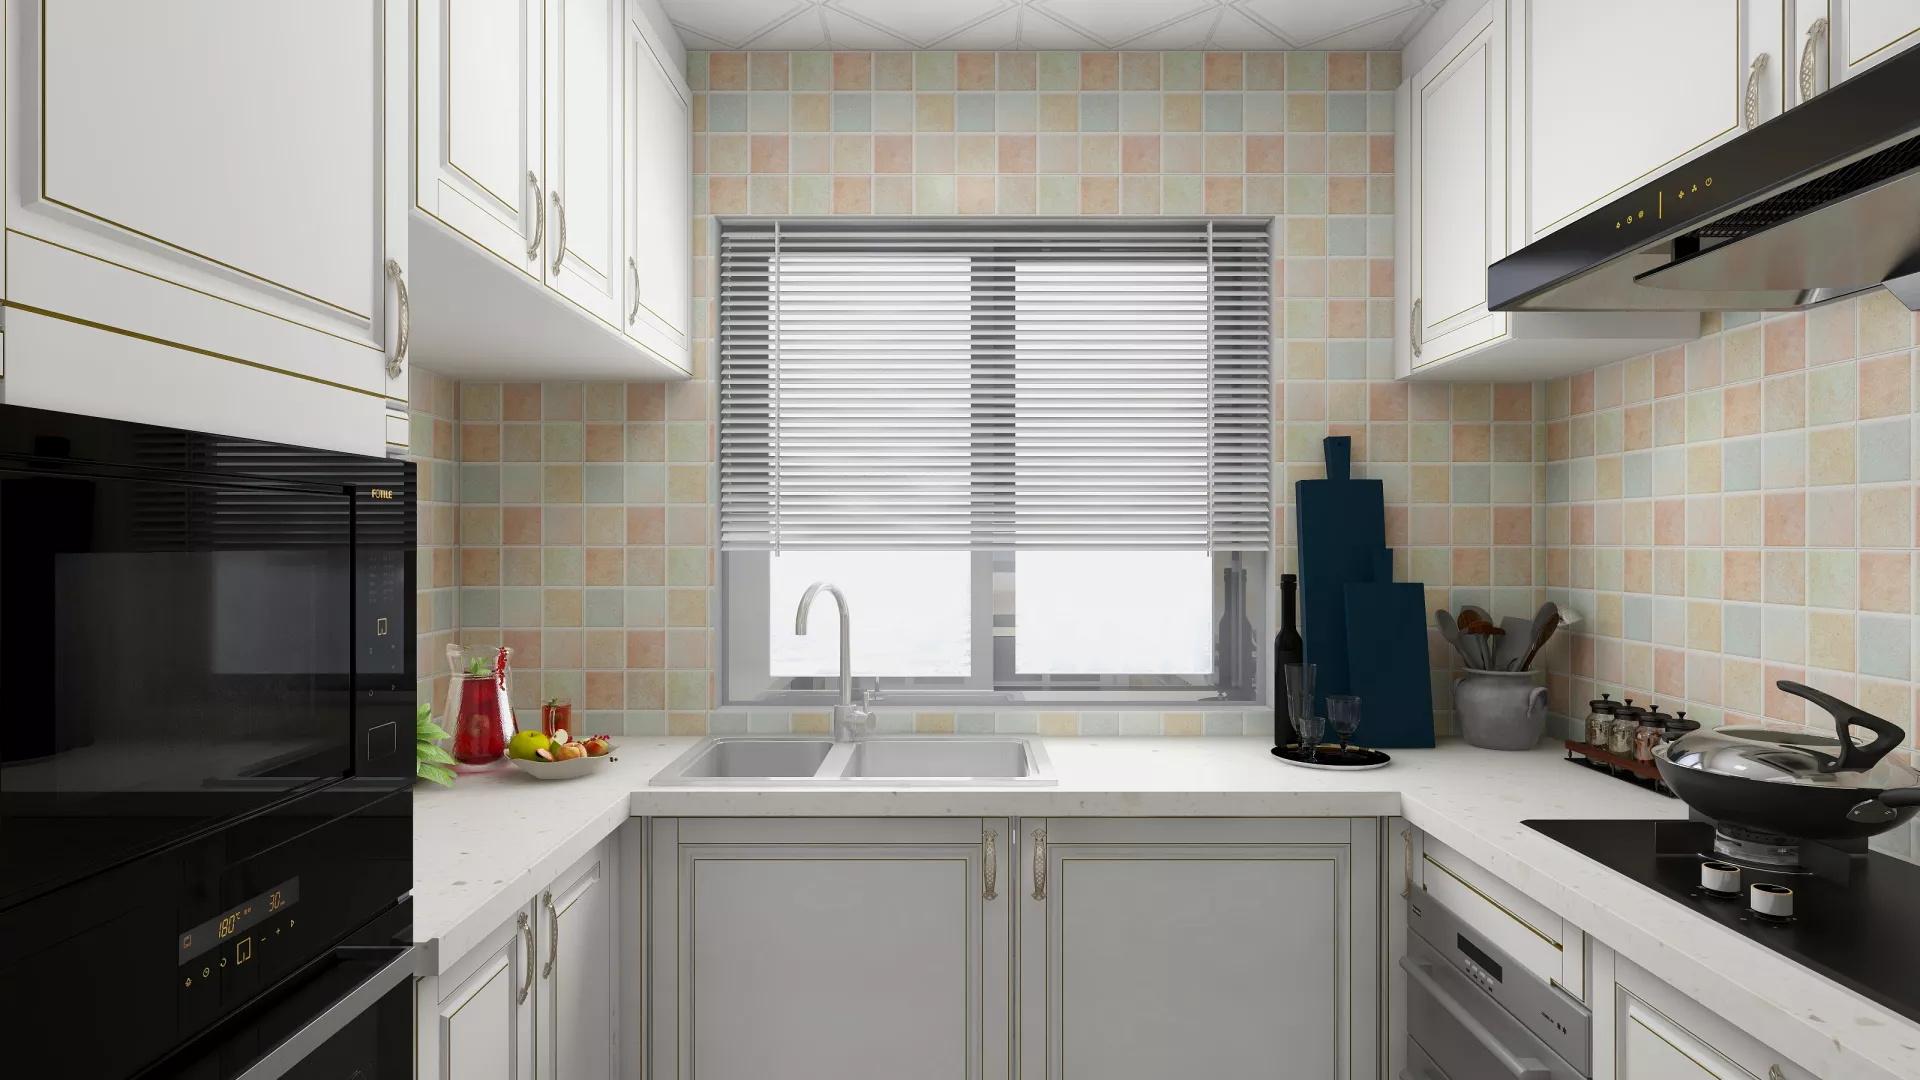 飘窗窗帘安装方法 飘窗窗帘如何安装好看